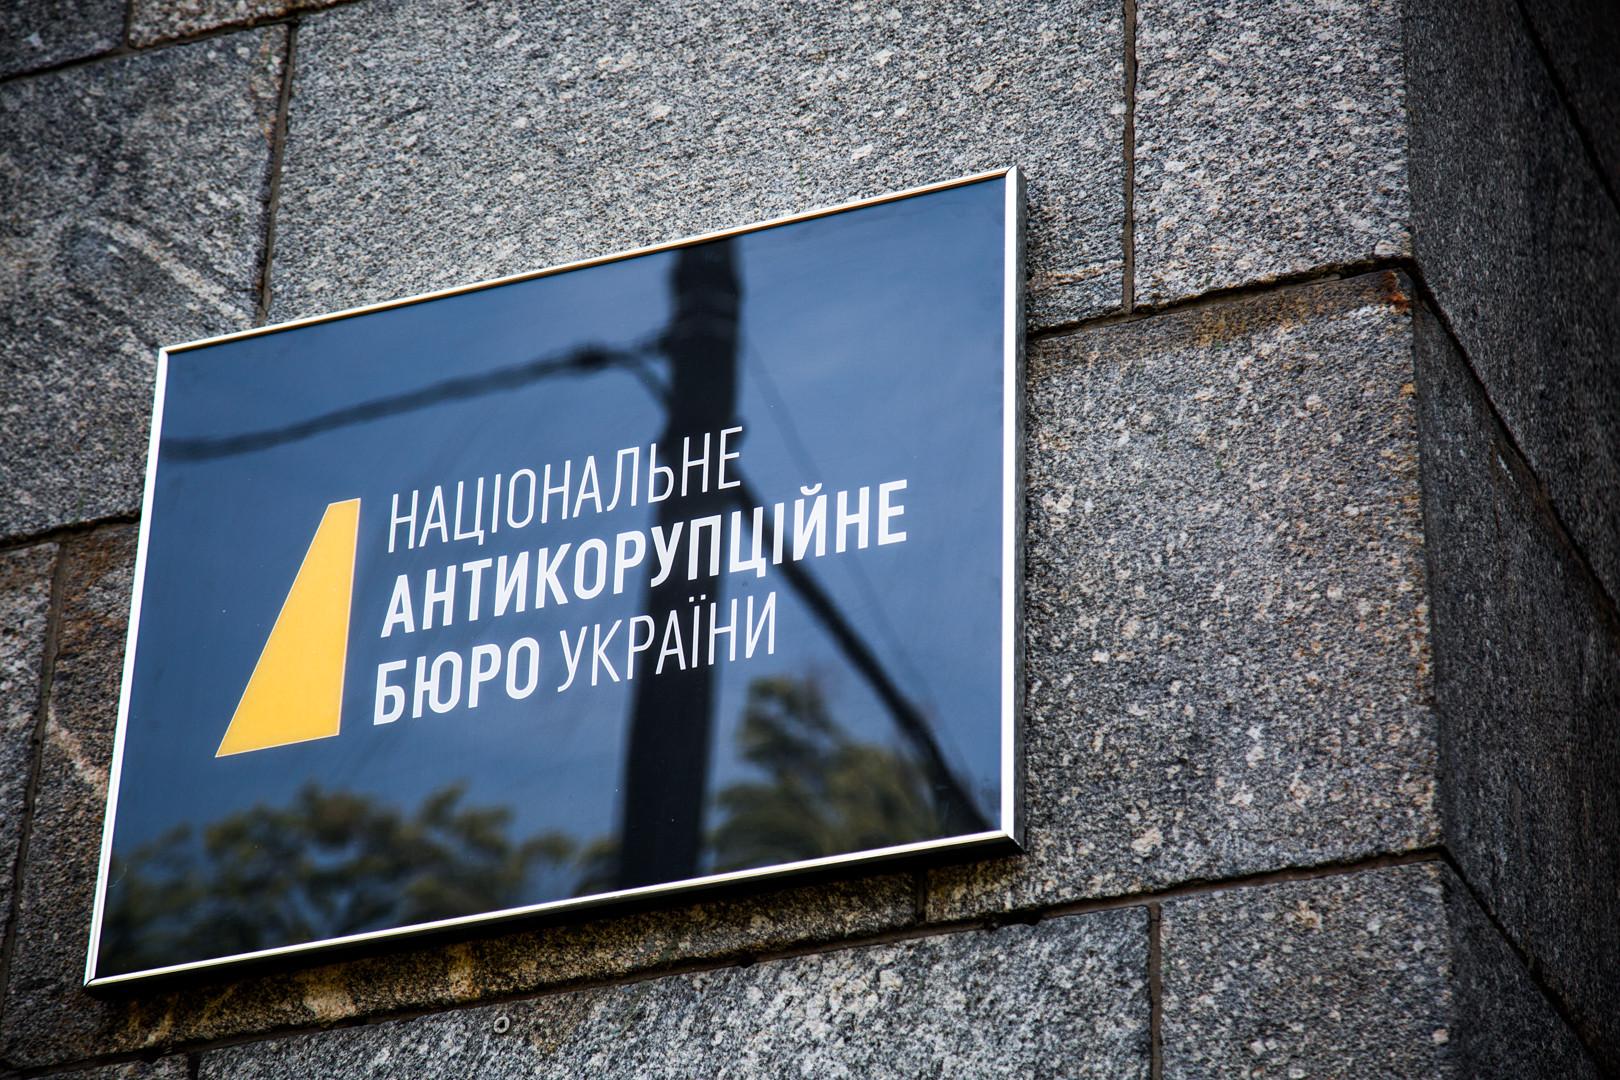 Екссудді Вишгородського райсуду повідомили про підозру - САП, підозра, НАБУ, київщина, Декларація, Вишгород - Nabu1